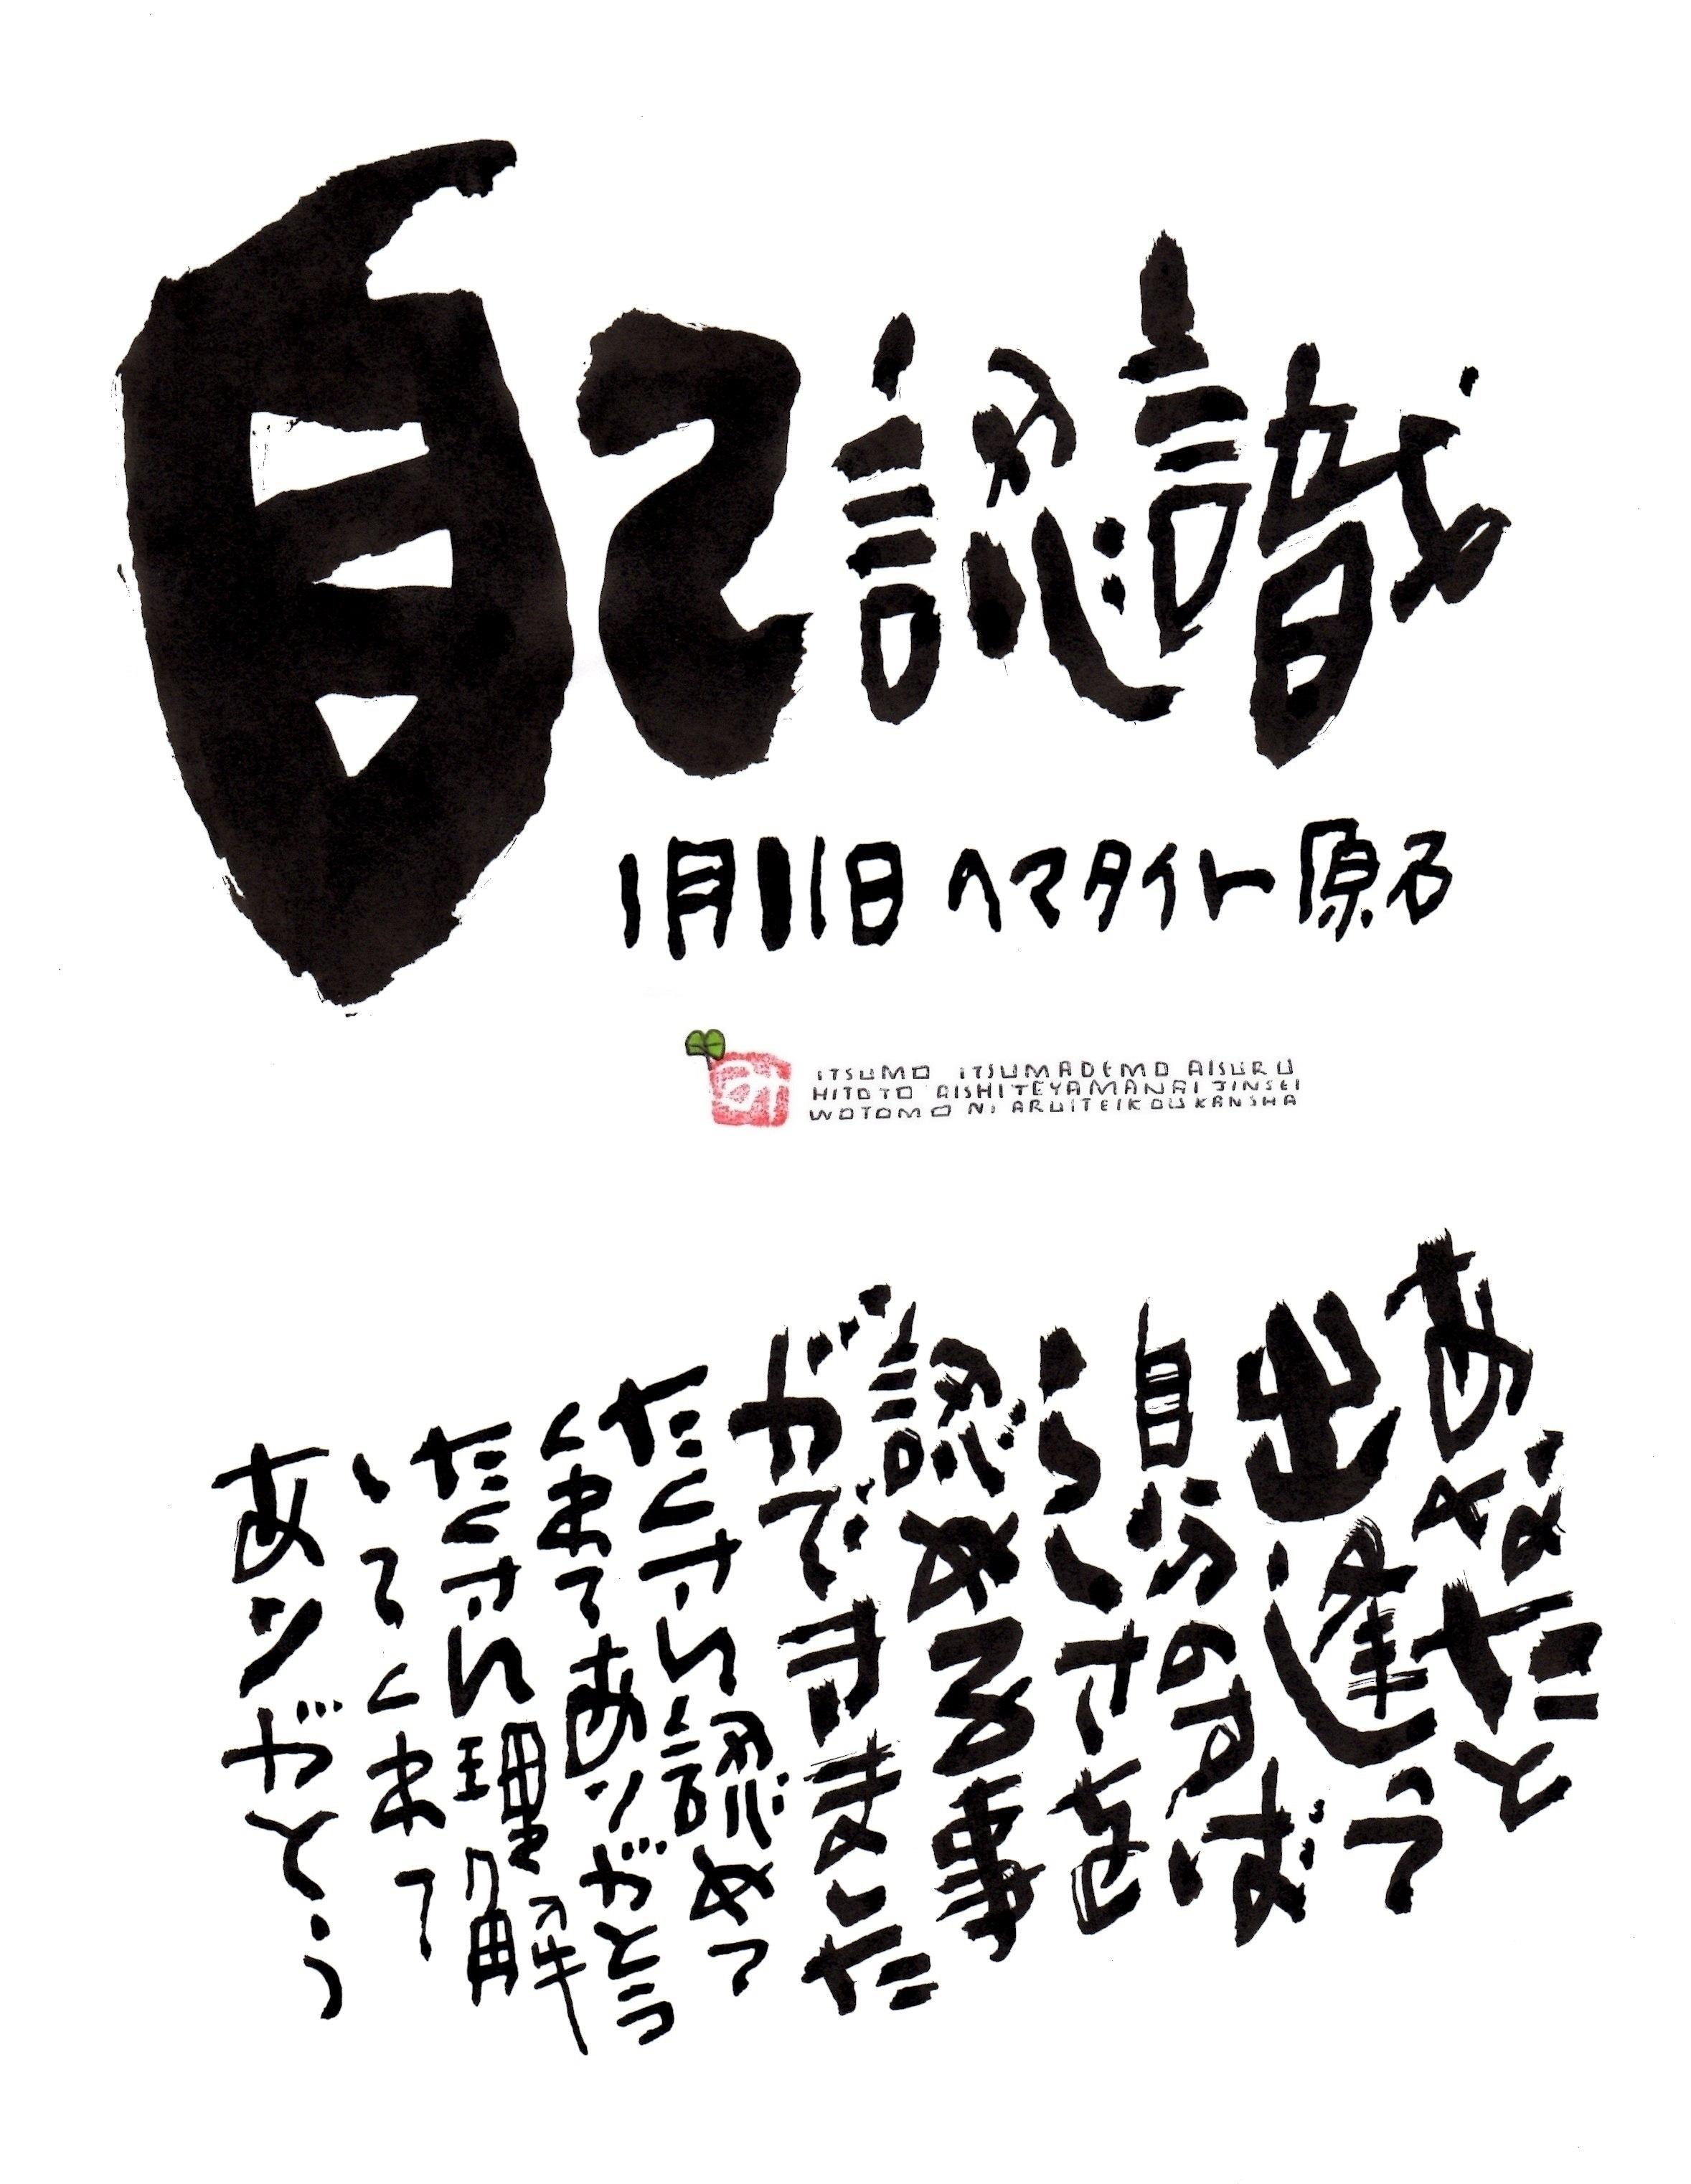 1月11日 結婚記念日ポストカード【自己認識】